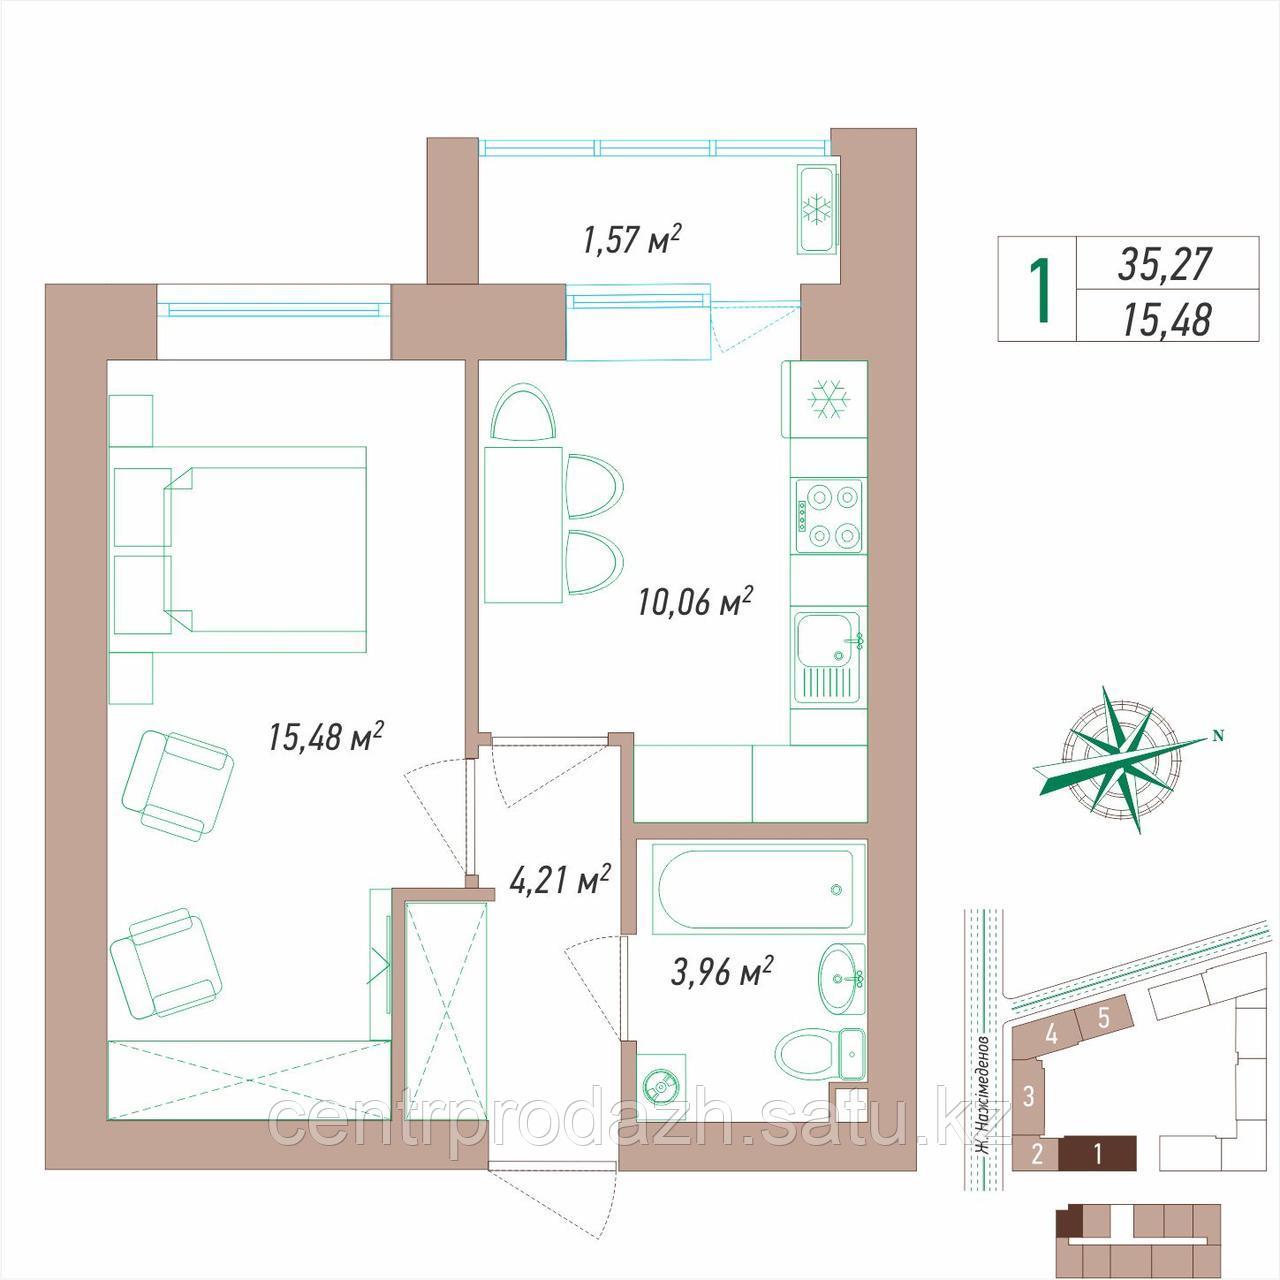 1 комнатная квартира в ЖК VIEW PARK 35.27 м²